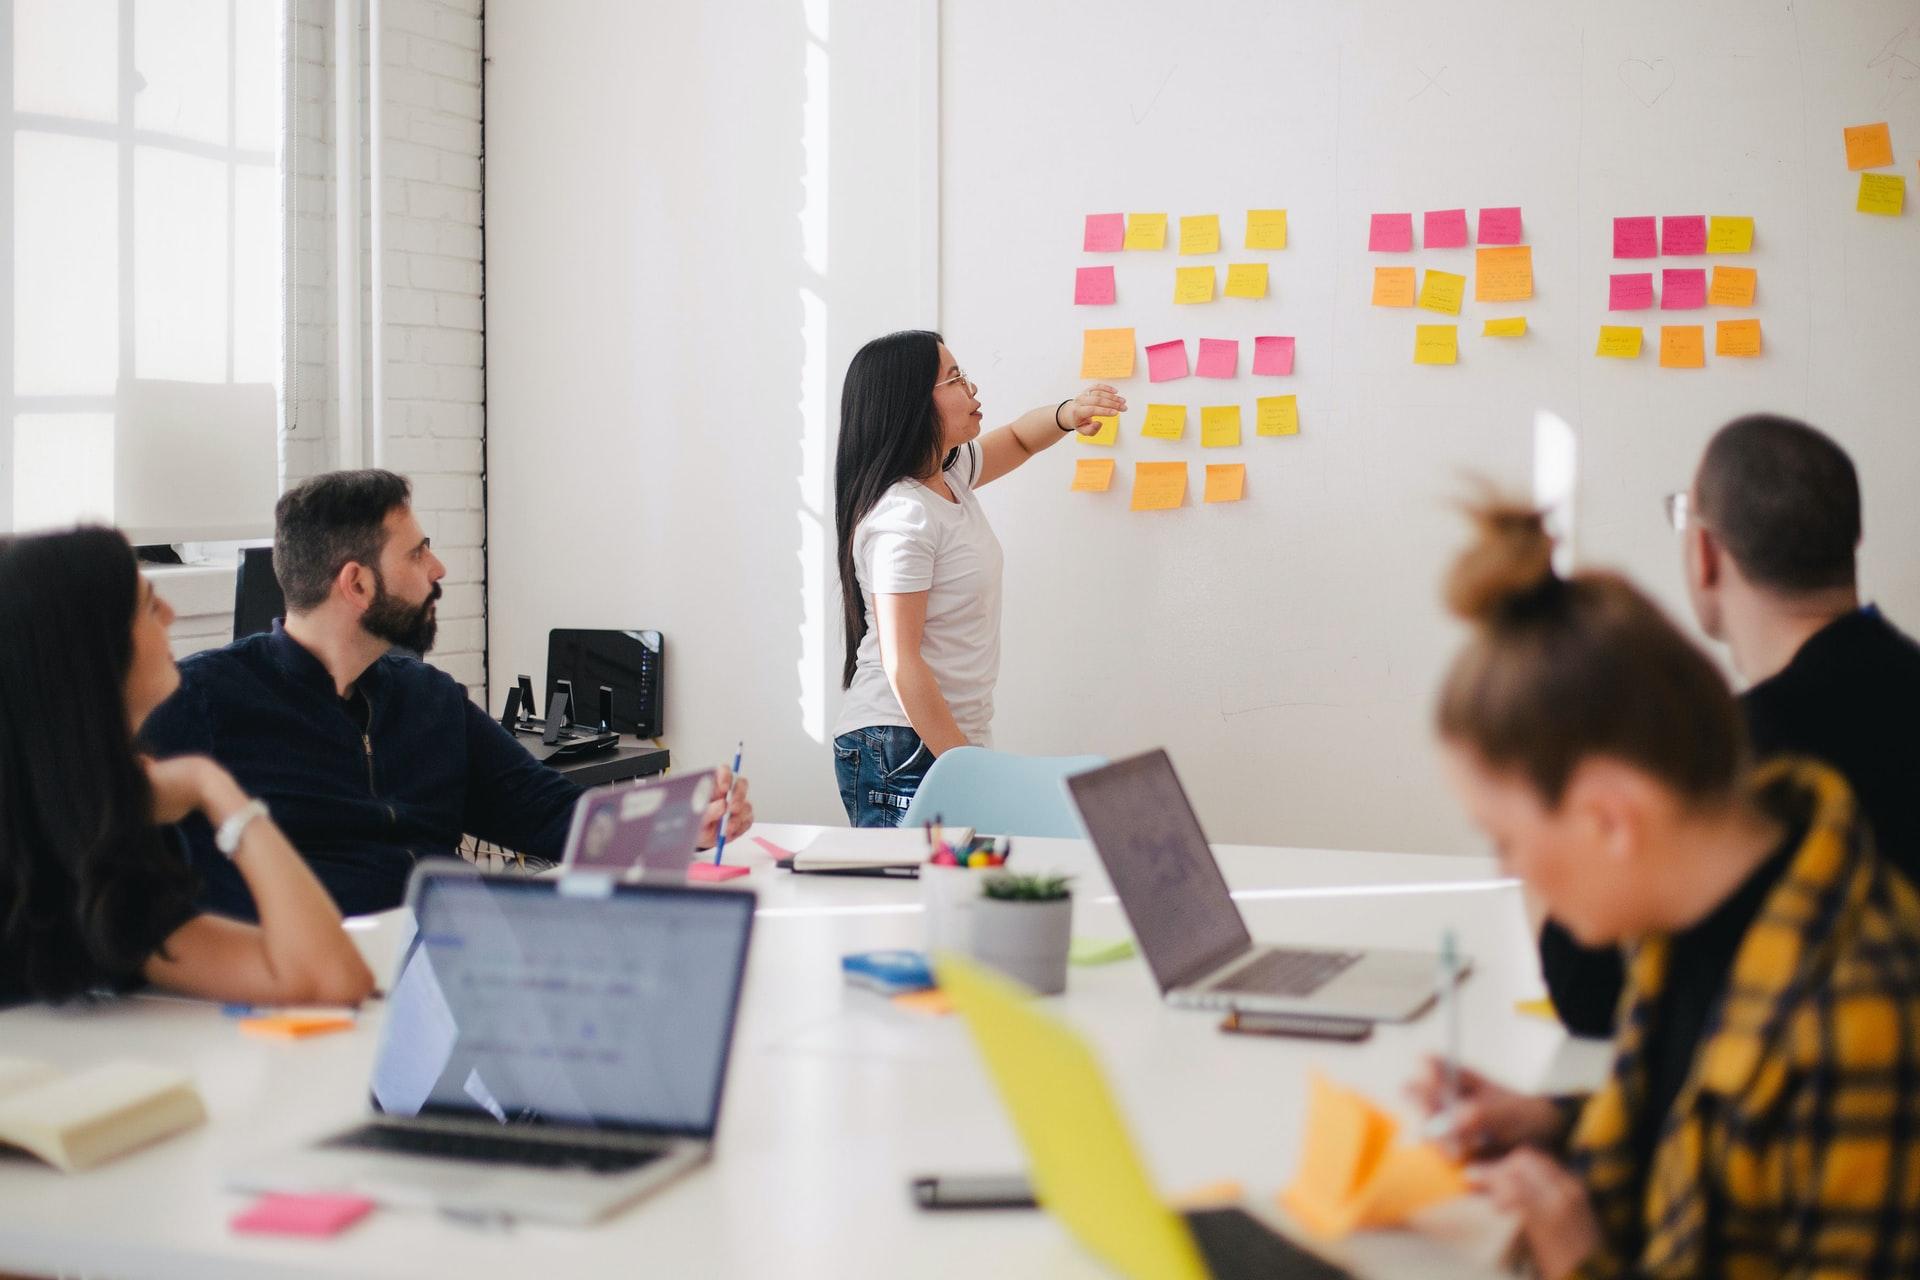 360度評価とは?メリット・デメリットを理解して個人と組織のパフォーマンスを高める